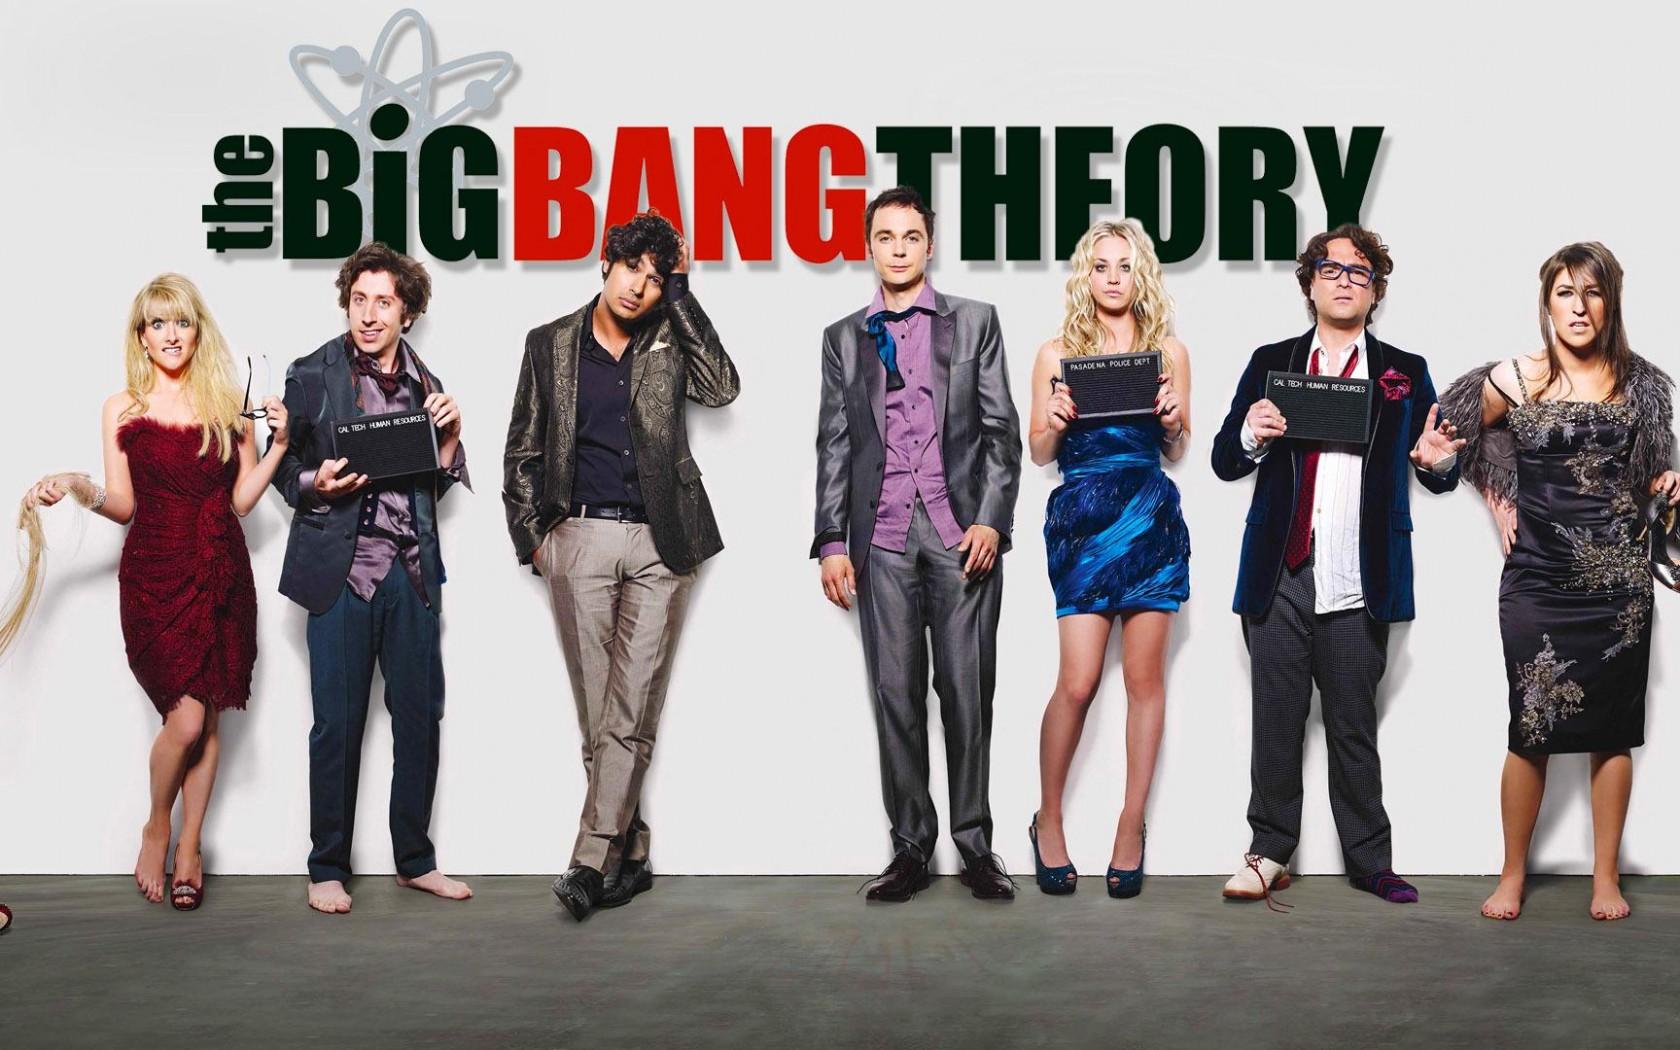 Wasted Cast From The Big Bang Theory Big Bang Theory 12